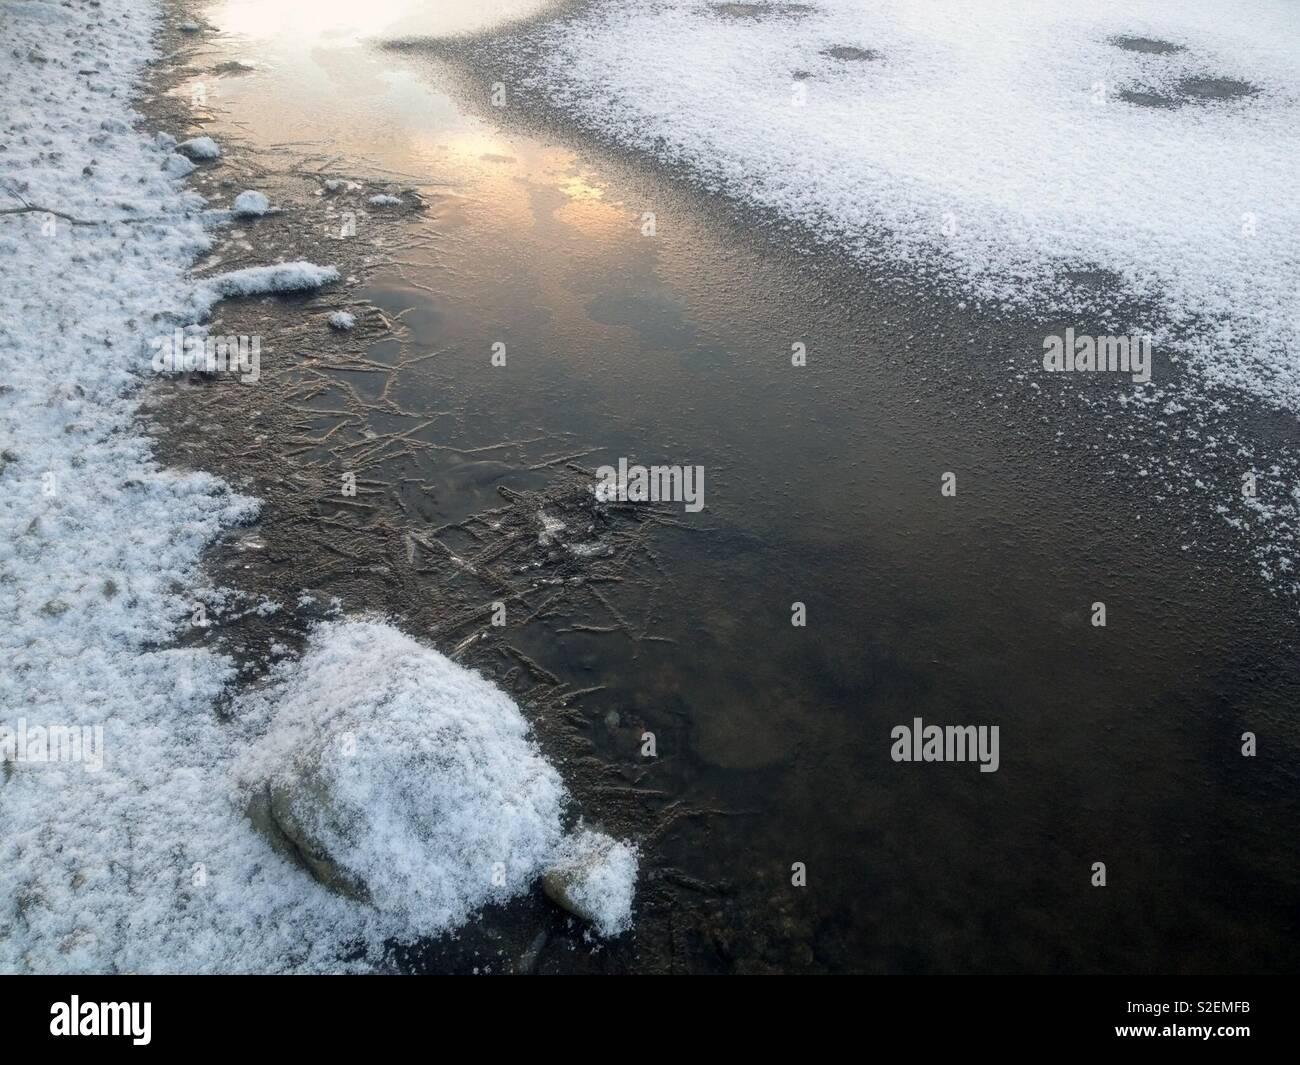 Lake freezing over, Lappeenranta Finland - Stock Image